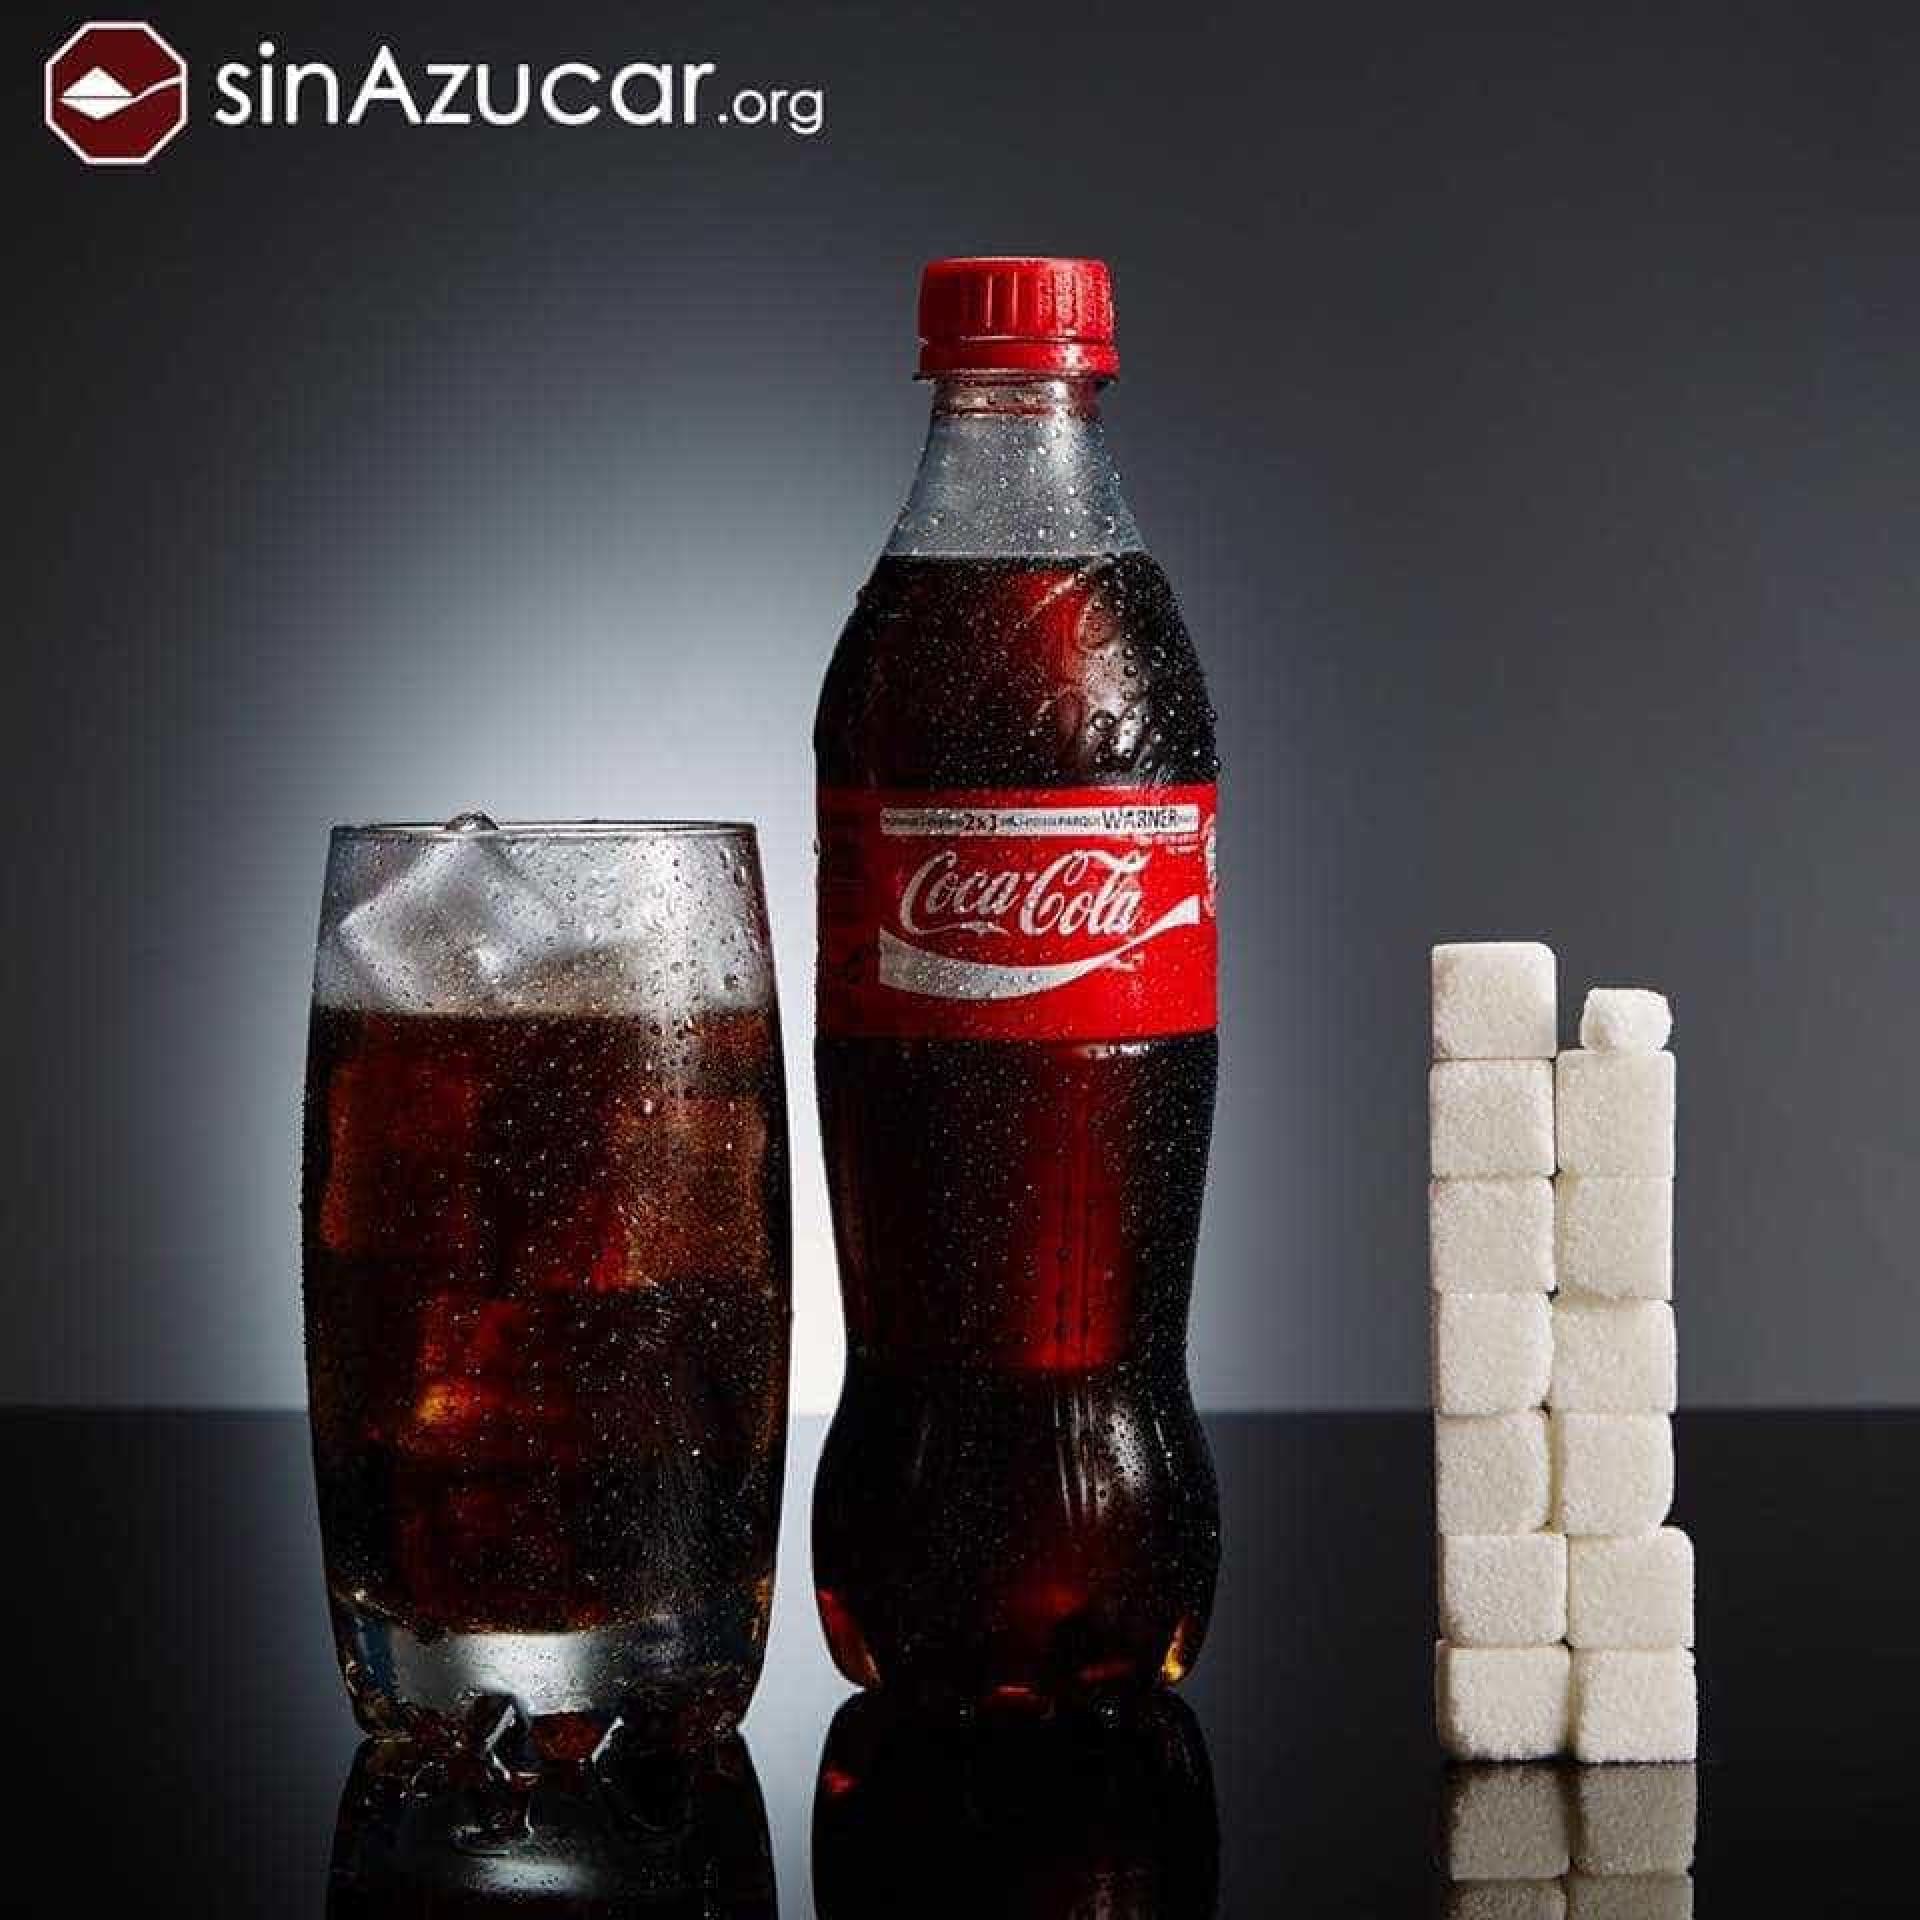 O açúcar (oculto) que ingere quando come estes alimentos